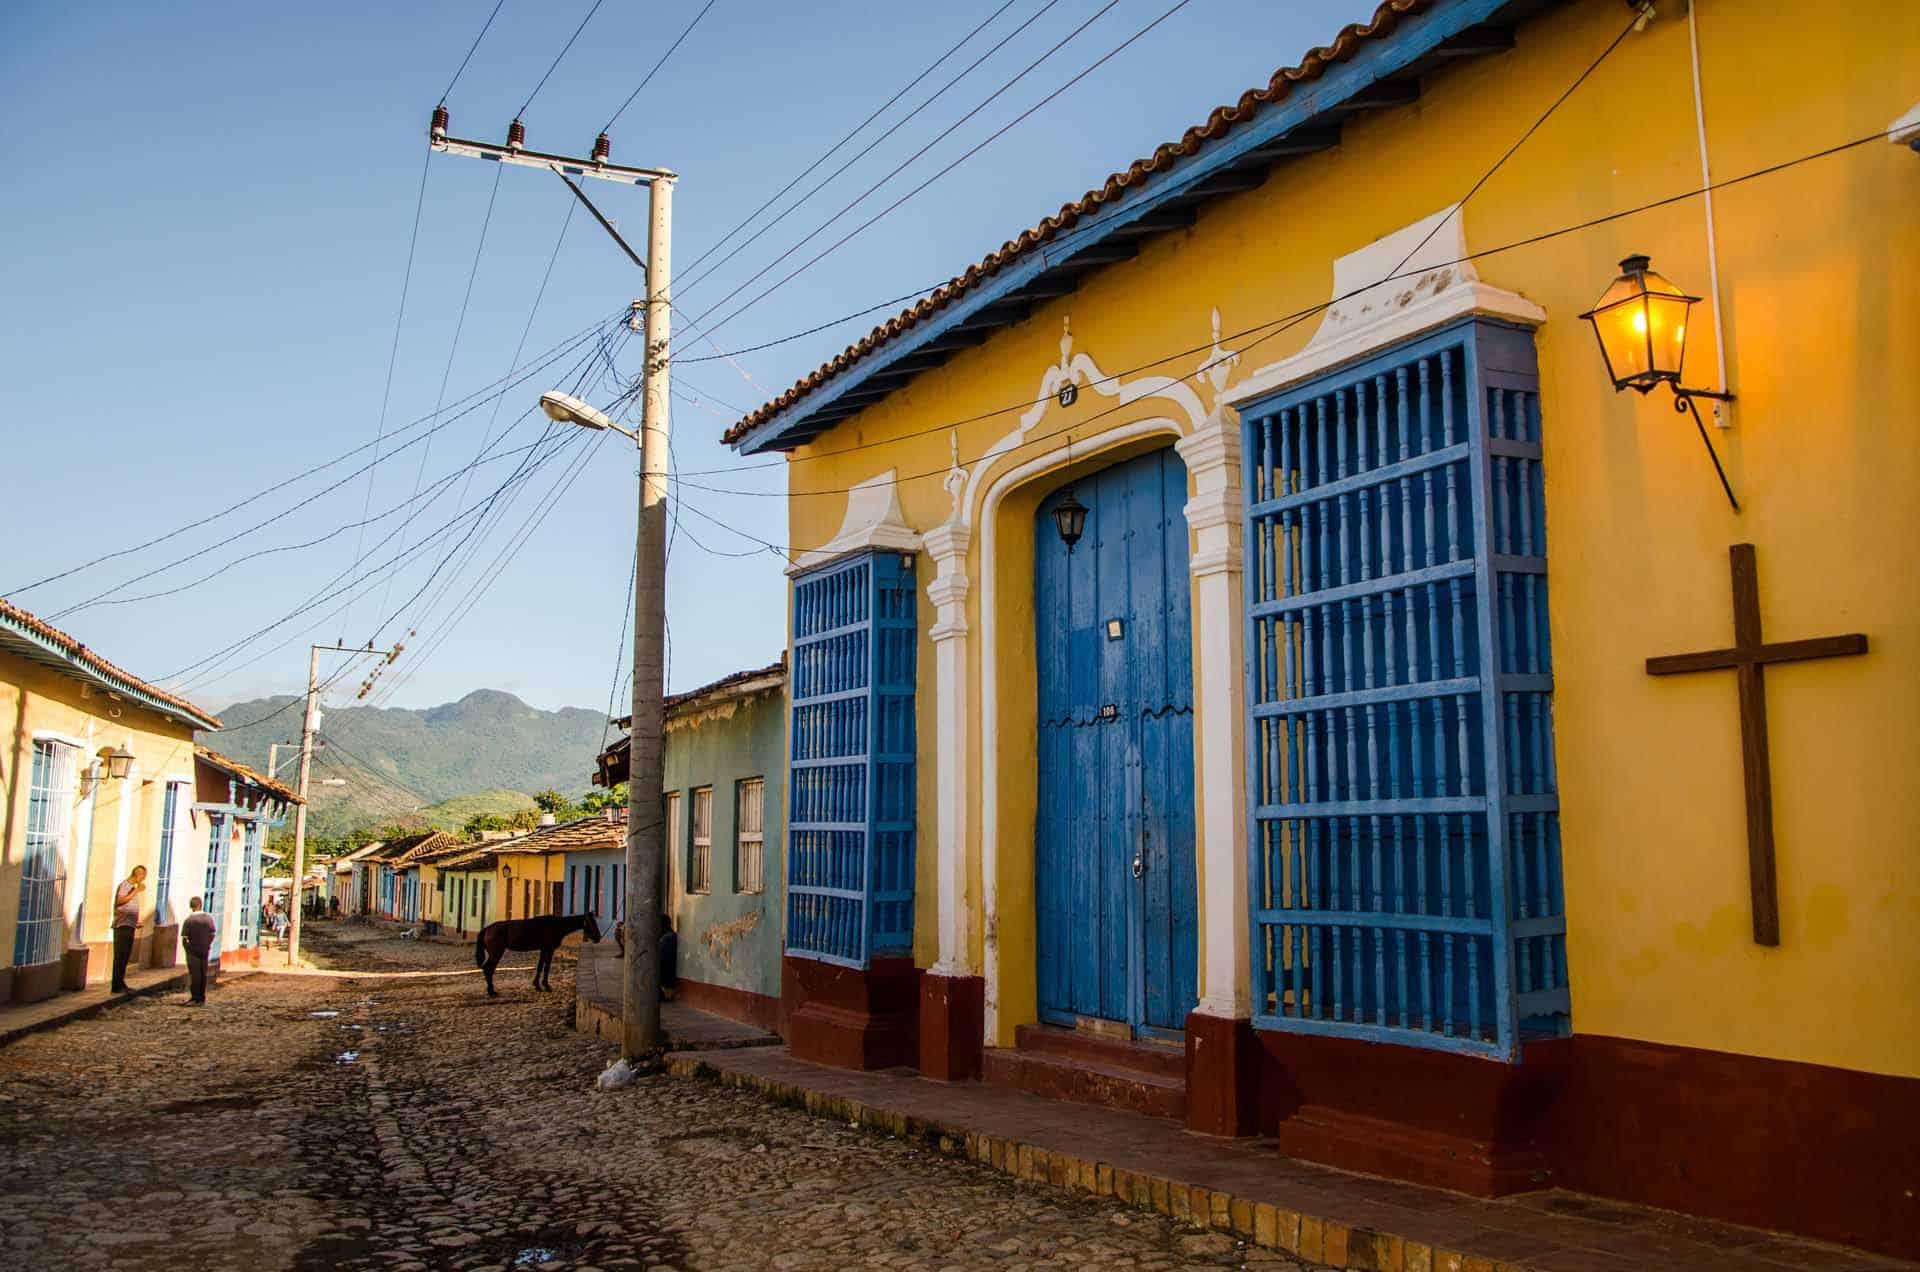 trinidad rue pavee coloree cuba autrement